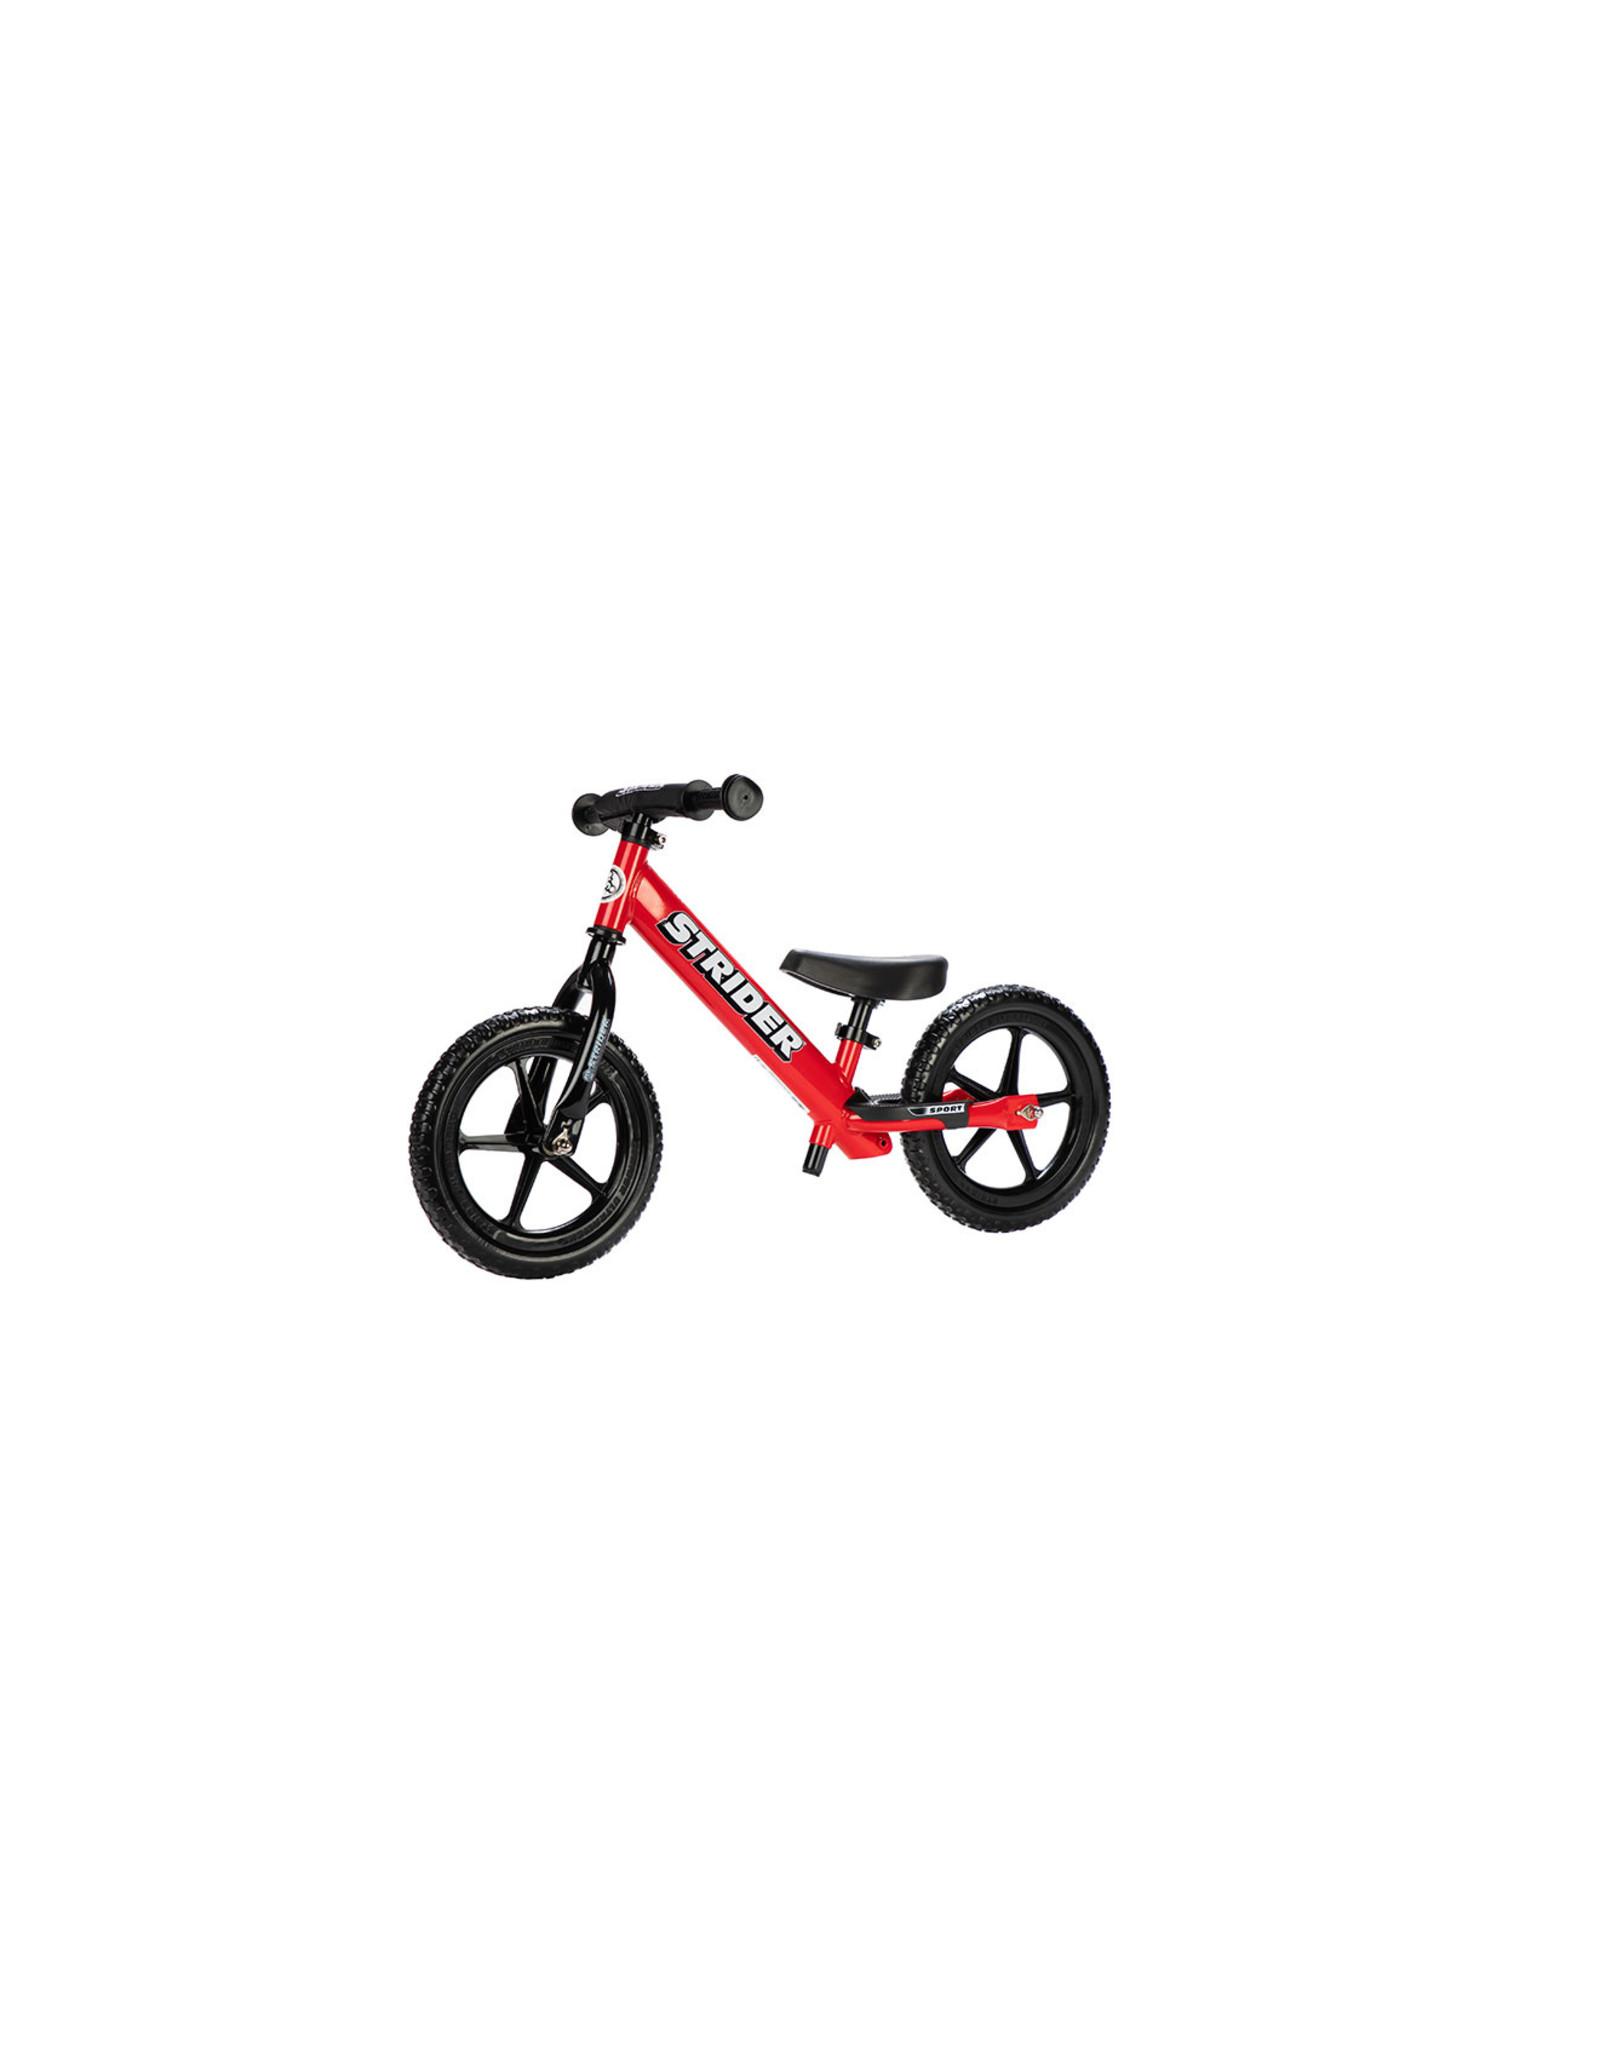 Strider Sports Strider 12 Sport Kids Balance Bike: Red